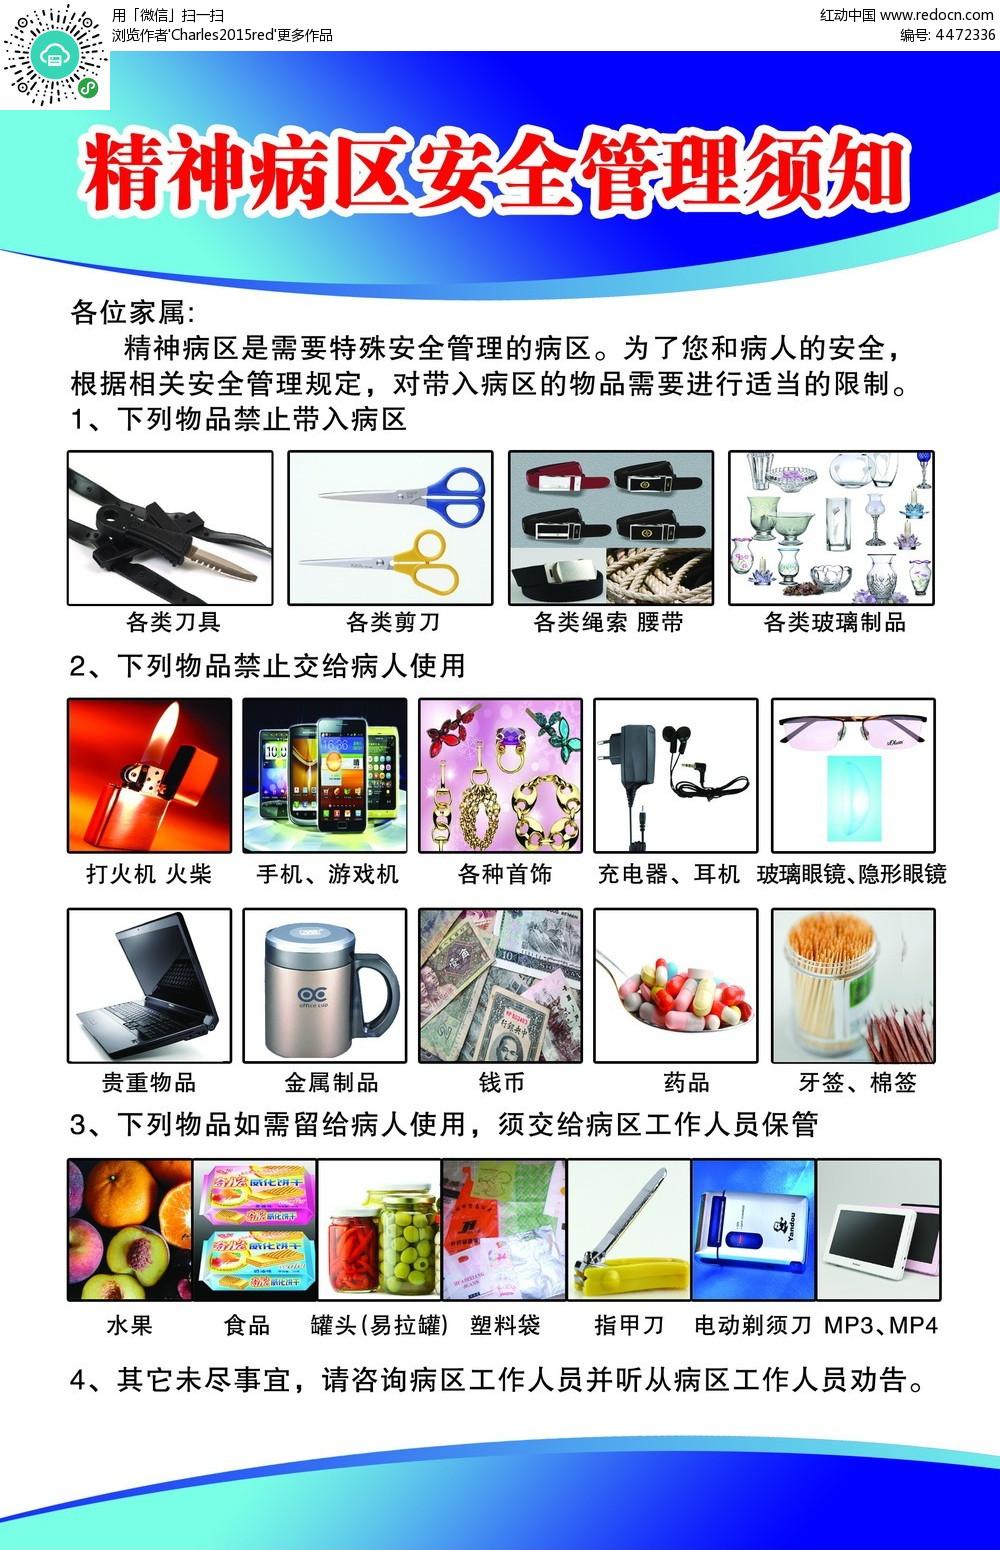 免费展板psd餐饮psd广告设计素材展板户外精神病安全管理v展板素材常州品牌设计模板图片